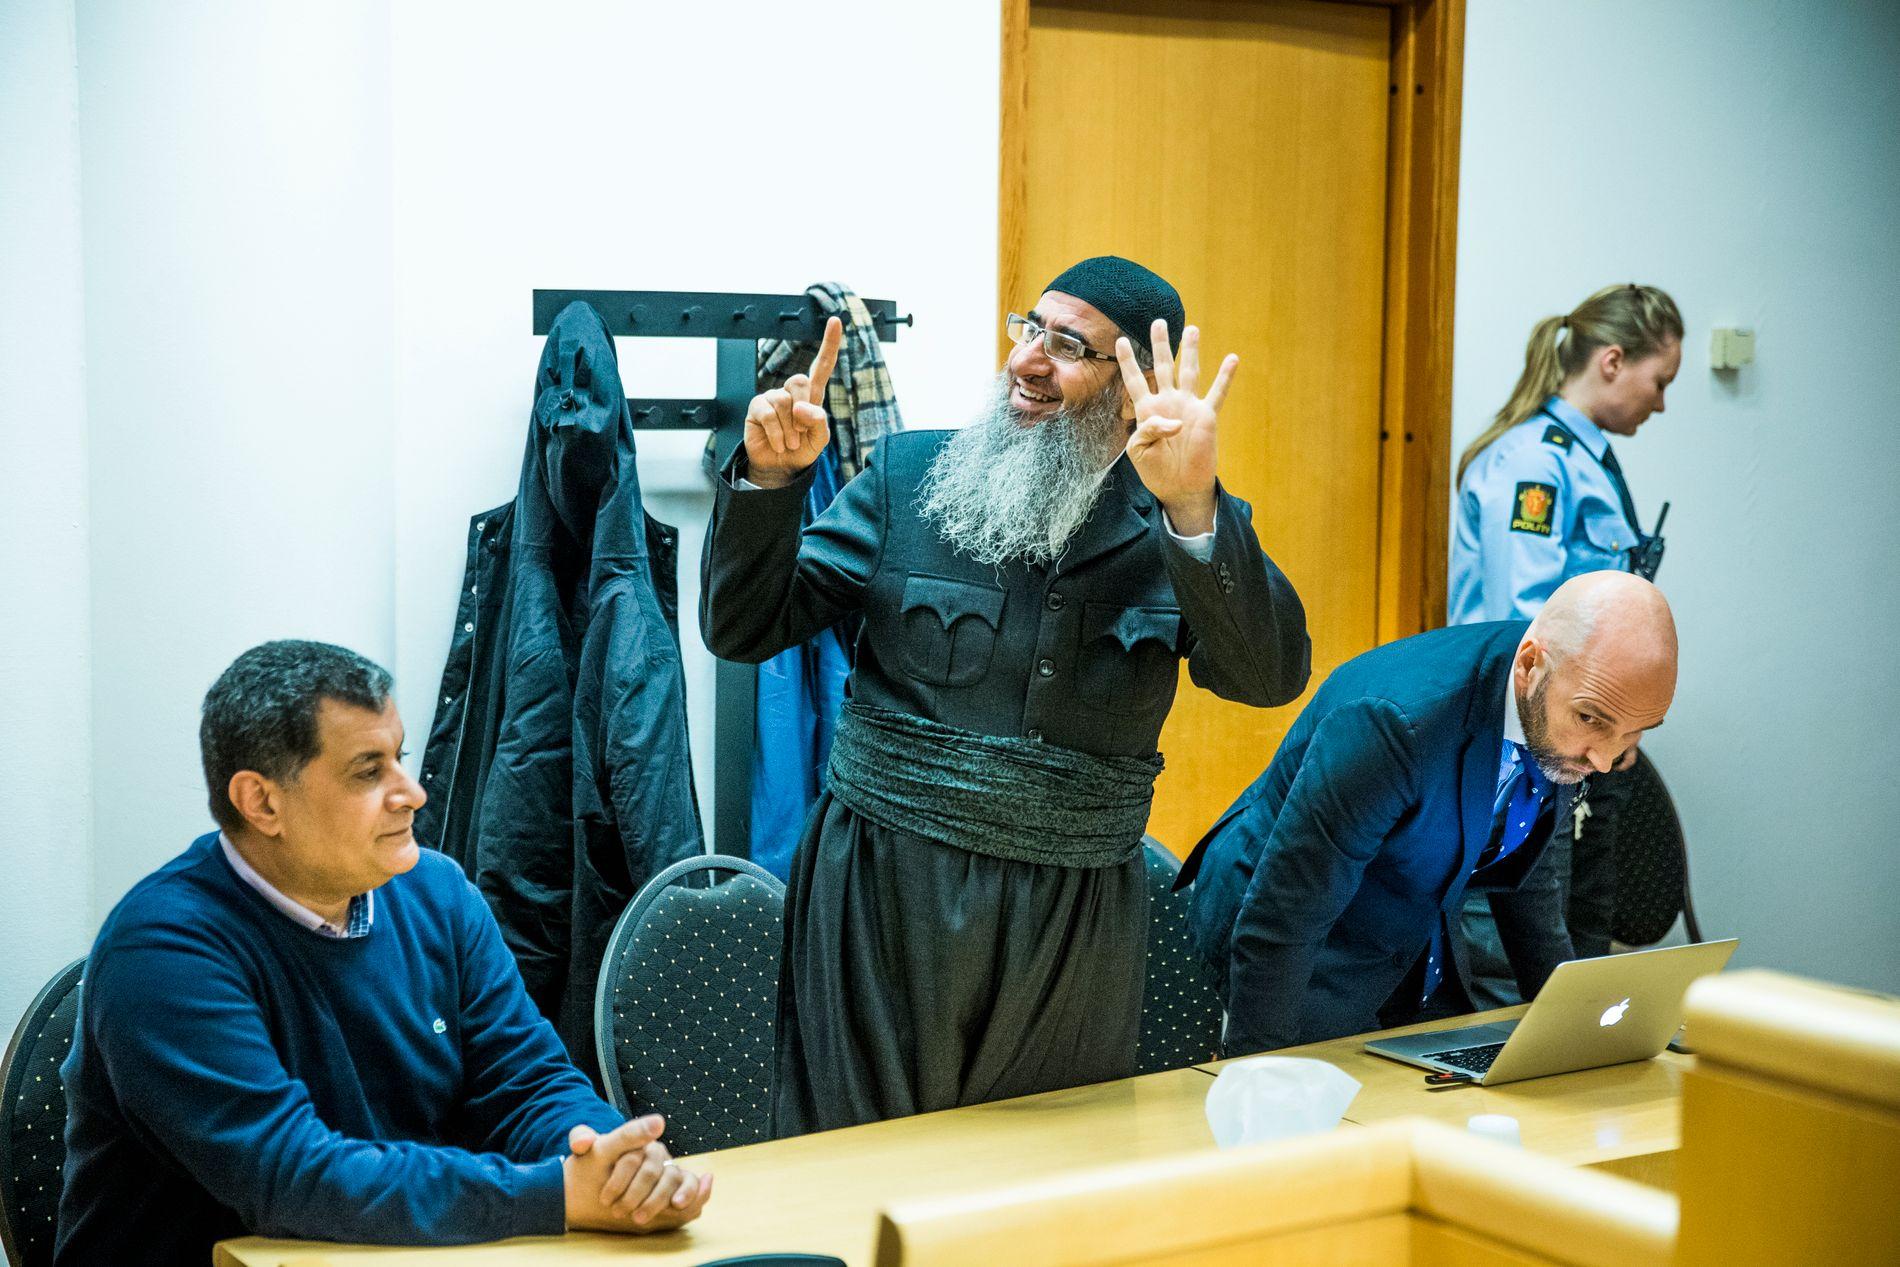 BER IKKE OM BØNN: Mullar Krekar har aldri bedt retten om tid til å be. - Jeg regner med at han er på trygg teologisk grunn, sier hans forsvarer Brynjar Meling.